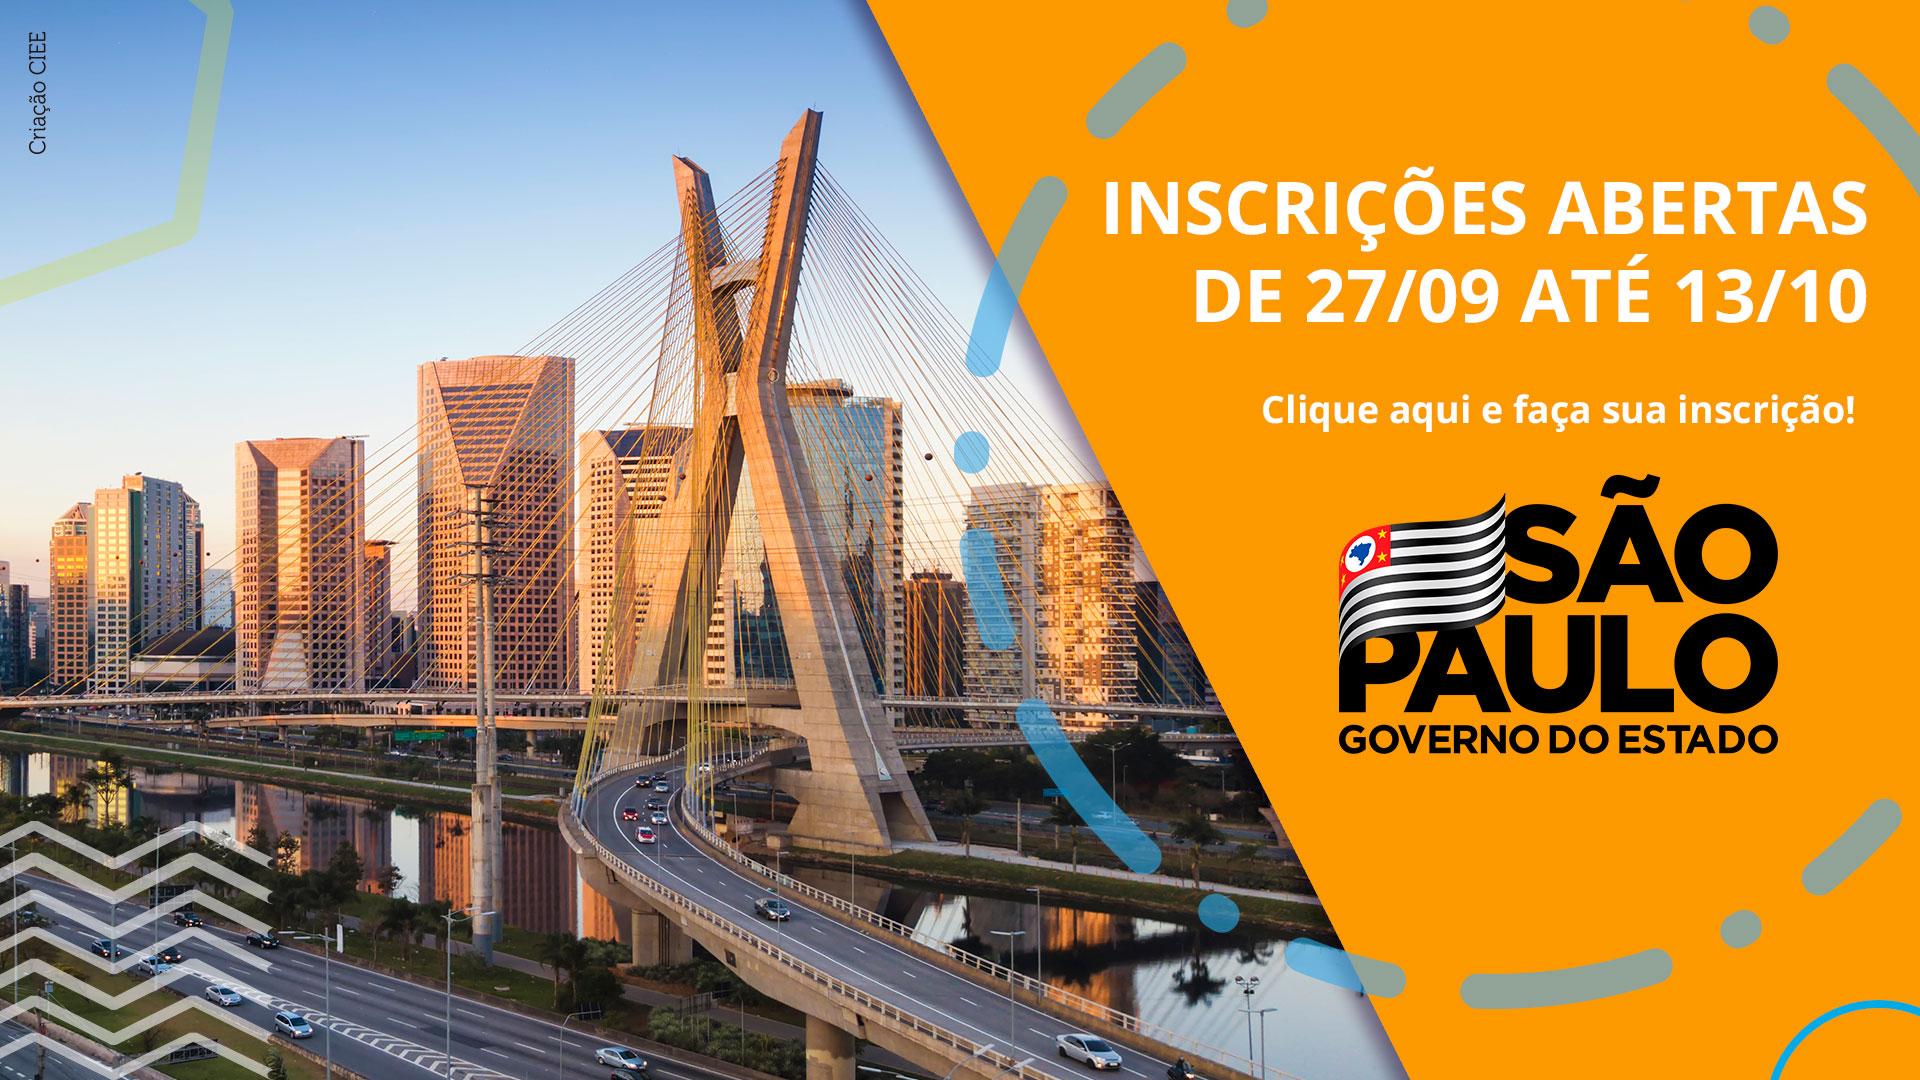 Banner com foto da ponte estaiada em São Paulo e o texto: inscrições abertas do dia 27/09 até dia 13/10 para o governo de são paulo